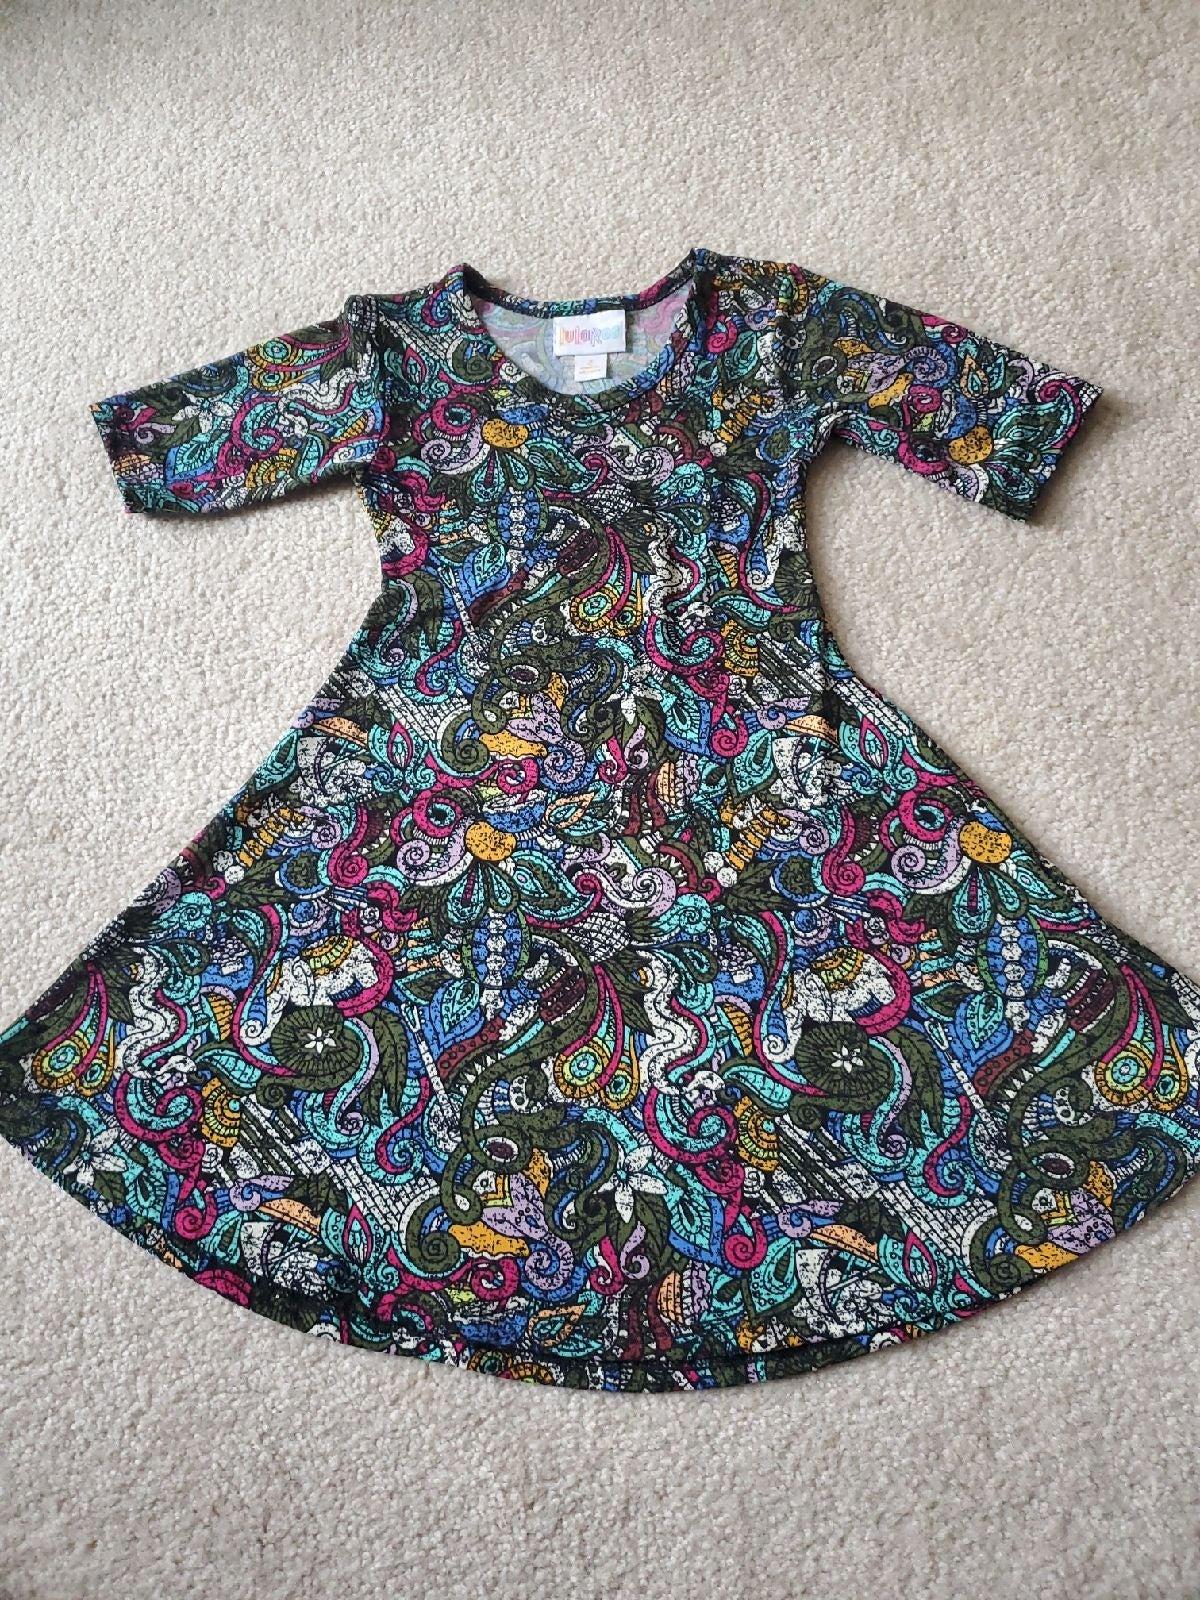 LuLaRoe Scarlett Dress size 2 Teal Geo